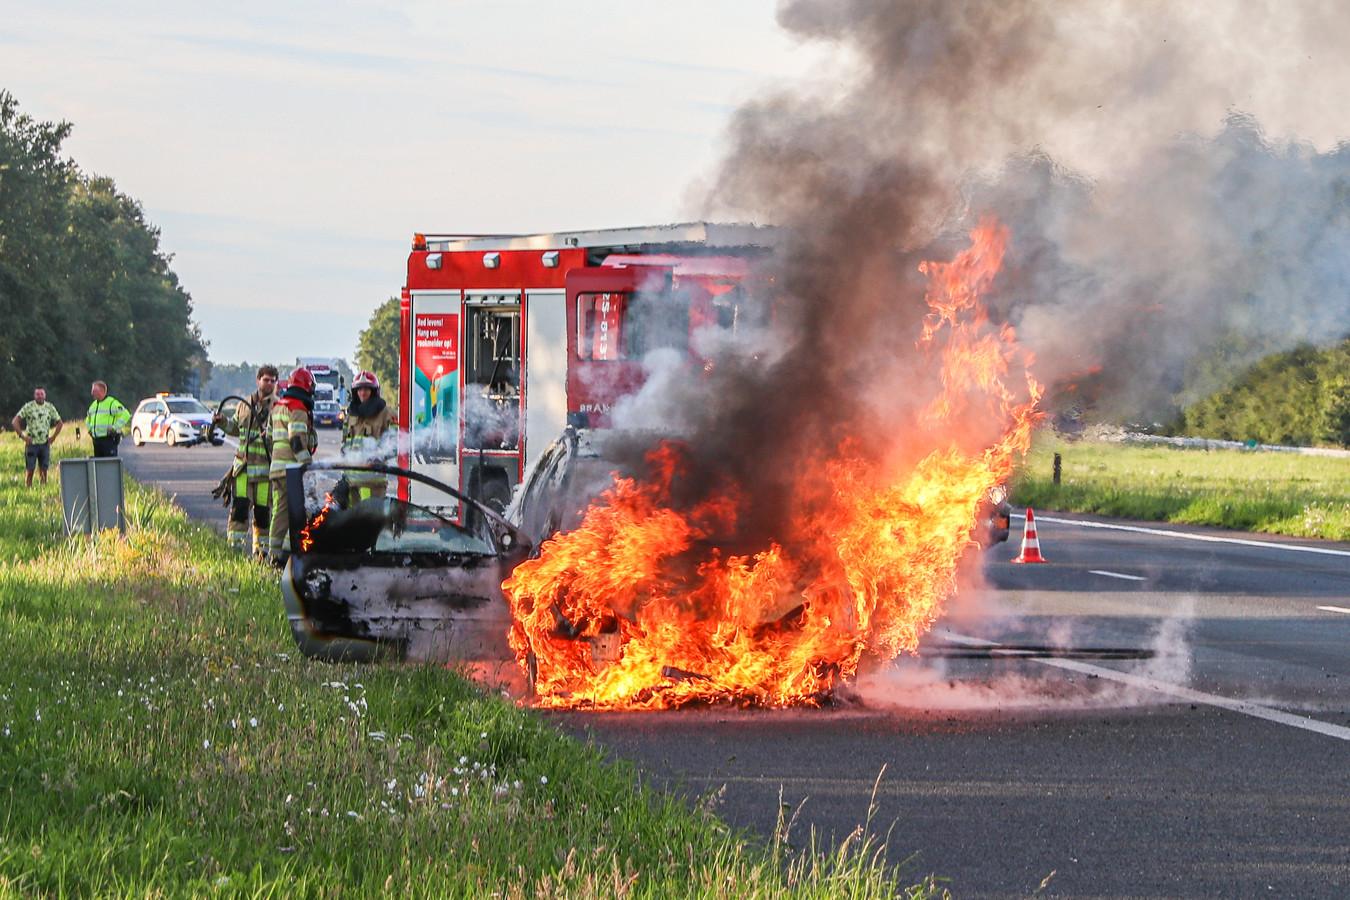 Geen redden meer aan. De brandweer kon niets anders doen dan blussen tot er een wrak overbleef.